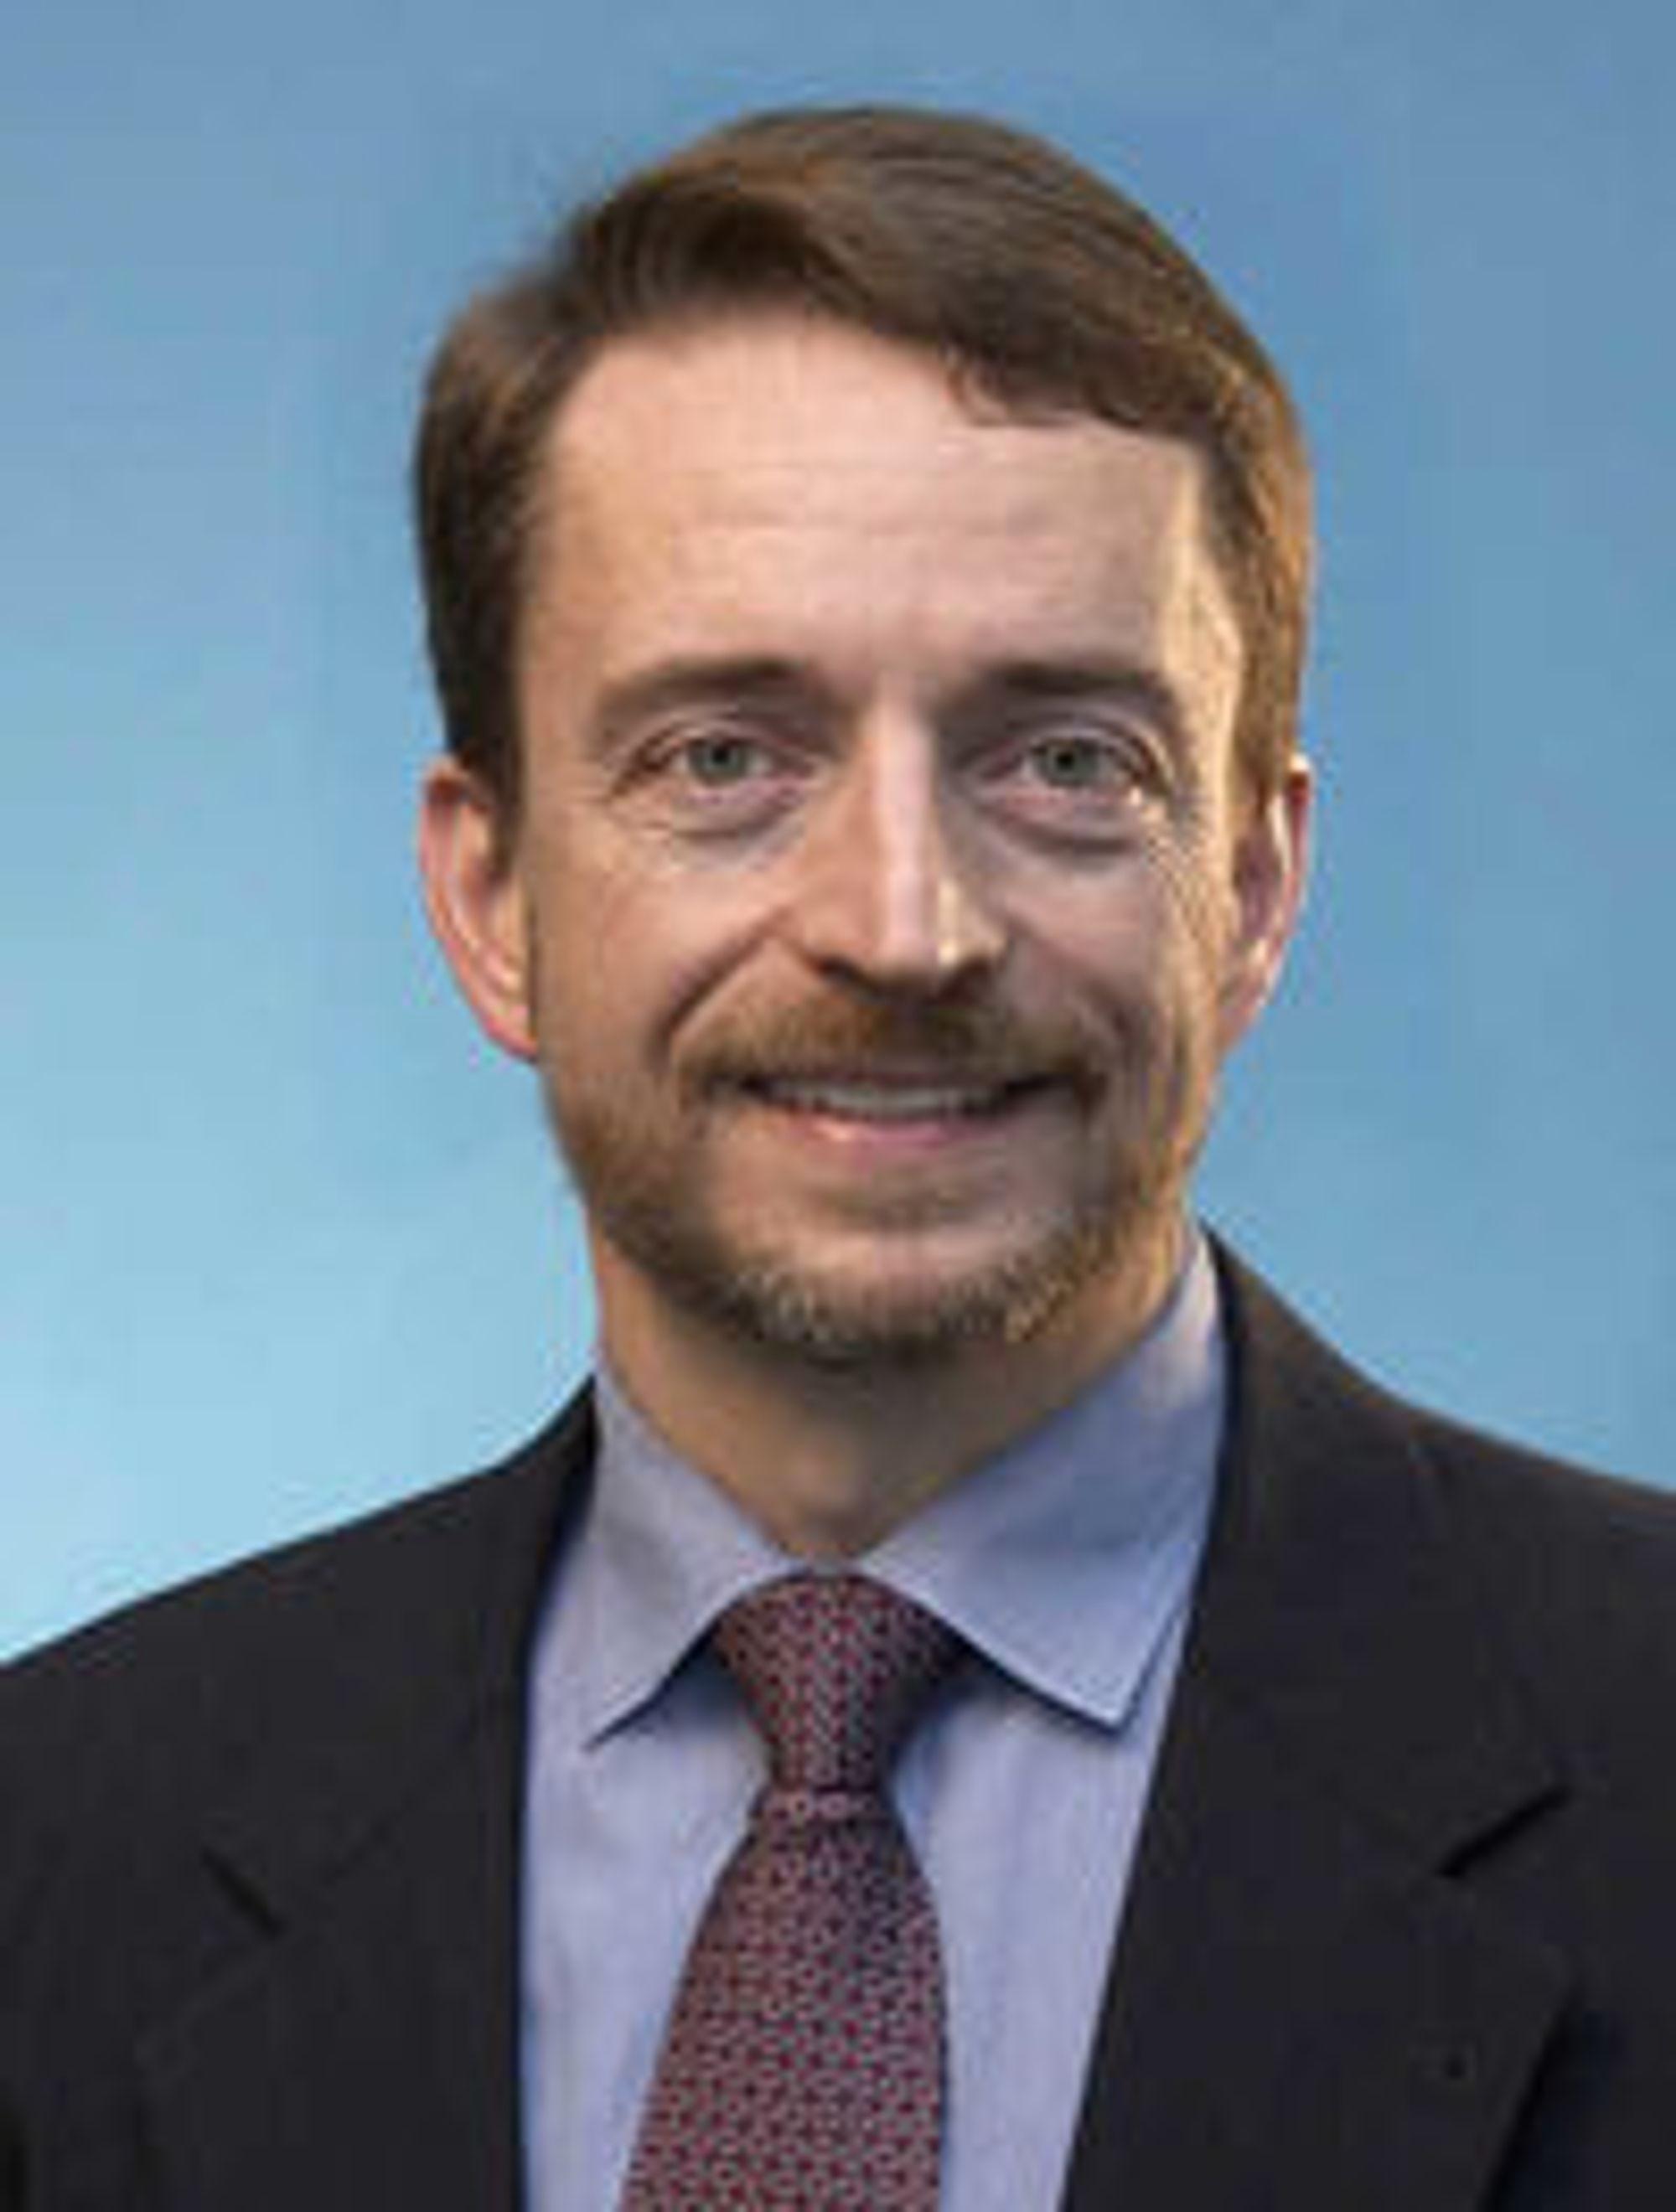 Pat Gelsinger har spilt en nøkkelrolle i utviklingen av Intels teknologi de siste 30 år.